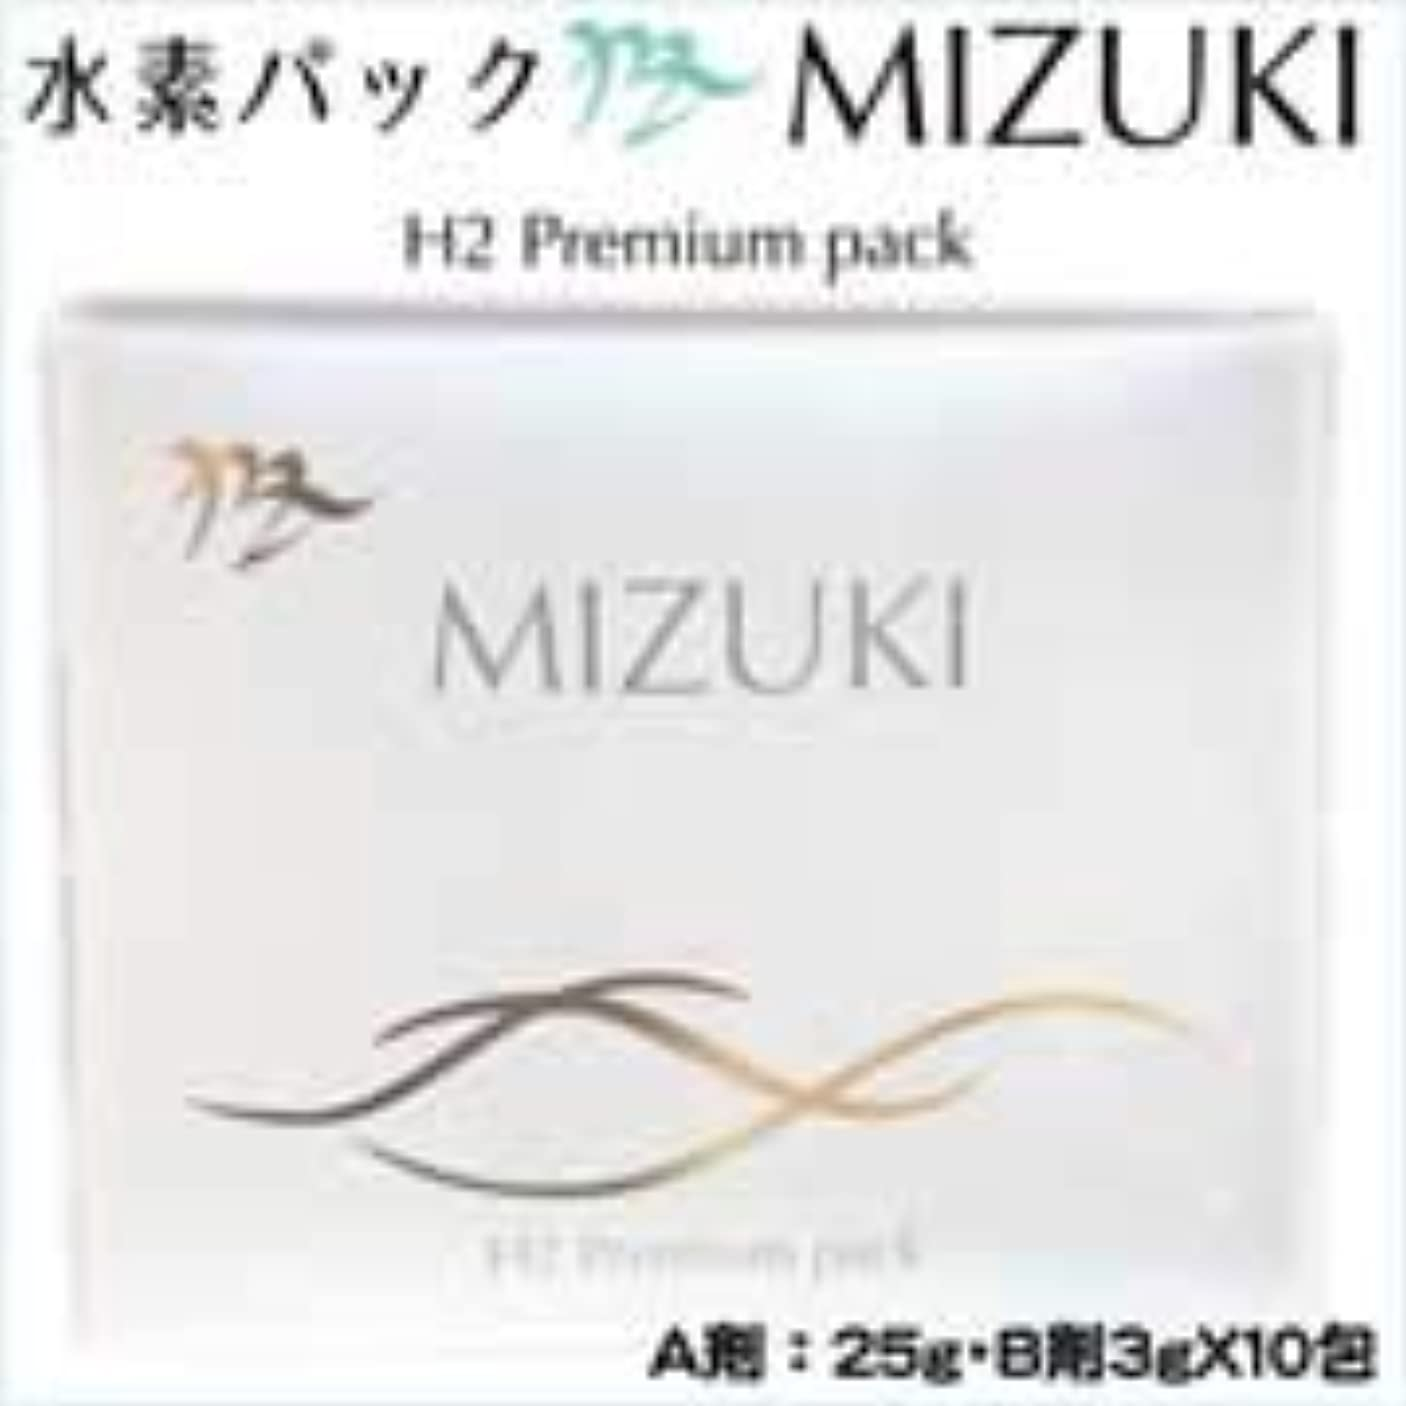 やりがいのあるフラスコ懐疑的MIZUKI H2 Premium pack ミズキ プレミアムパック A剤:25g、B剤:3gX10包 スパチュラ付き